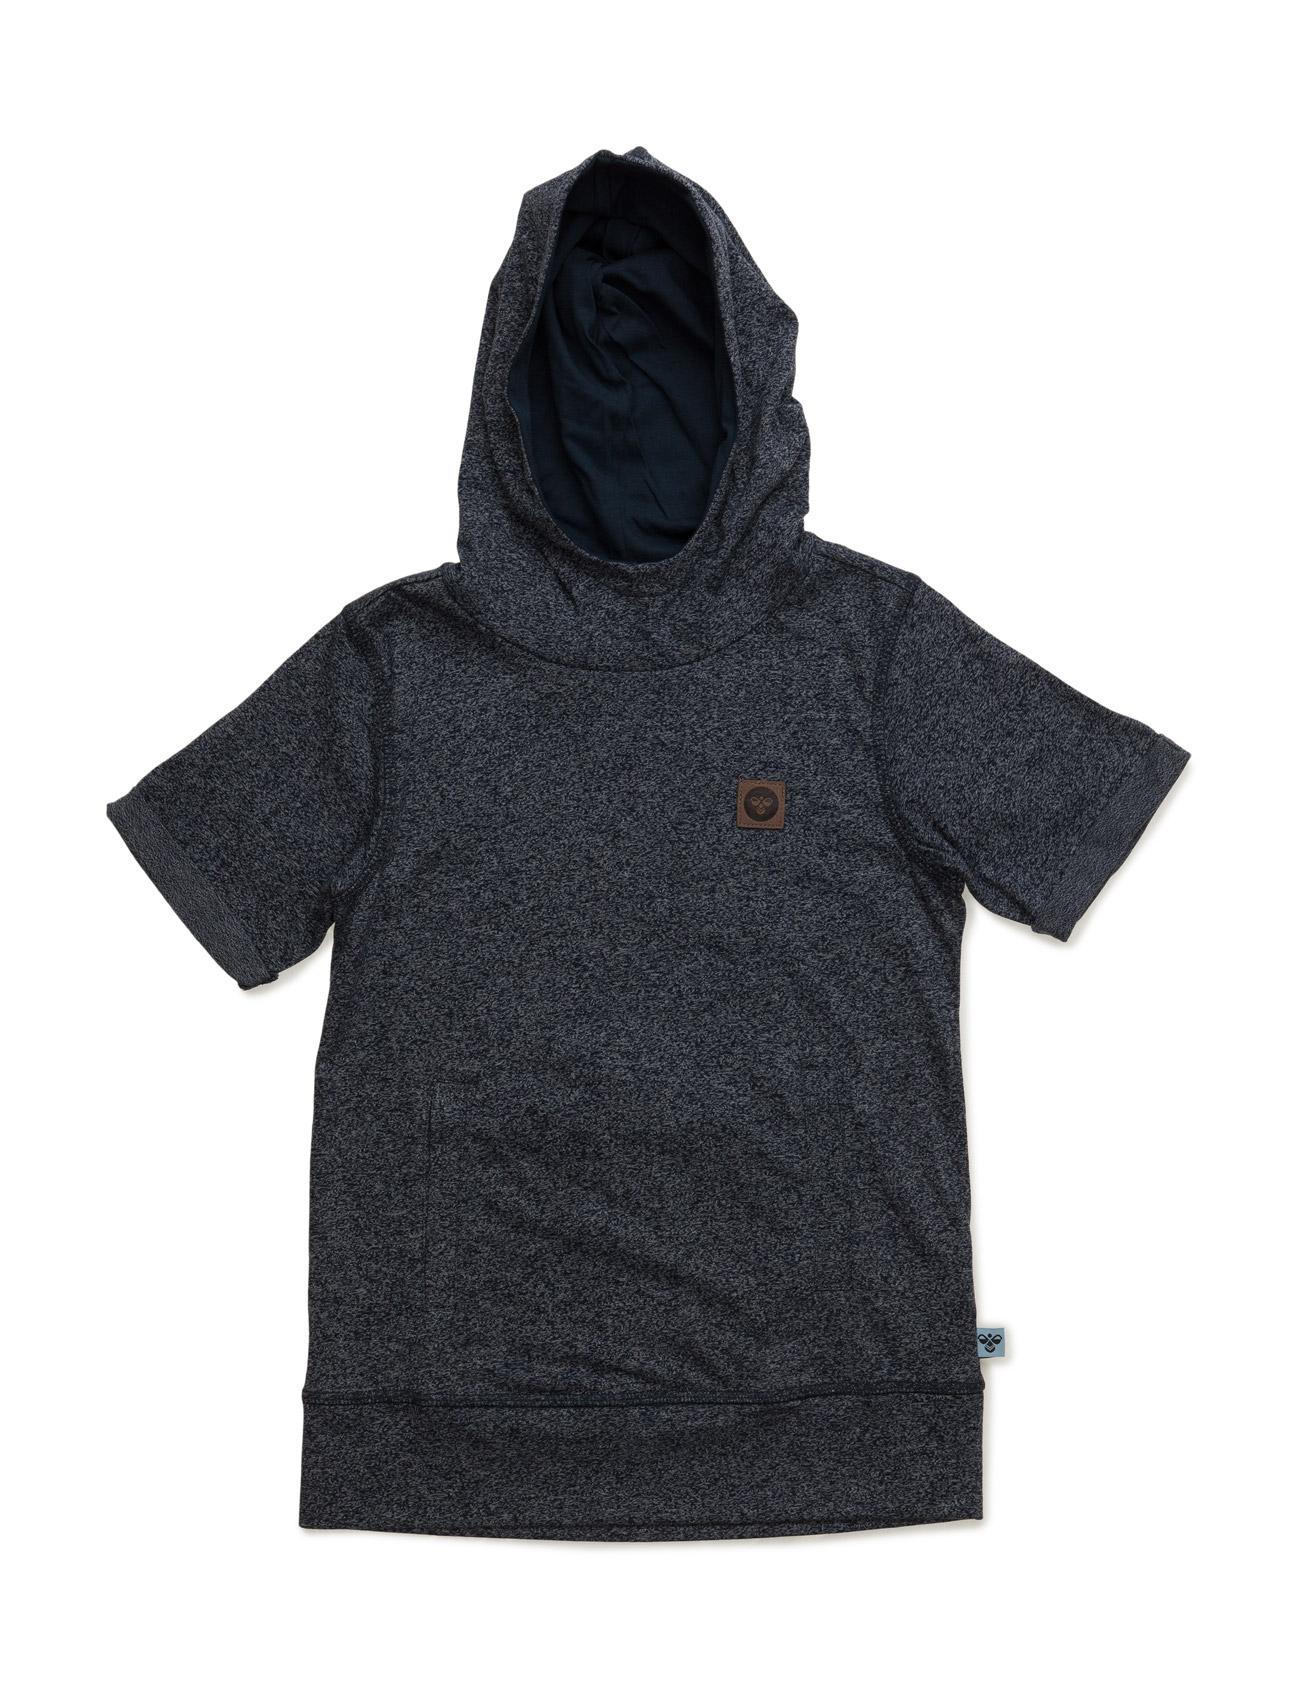 Wigan Ss Tee With Hood Hummel Kortærmede t-shirts til Børn i Blå Melange